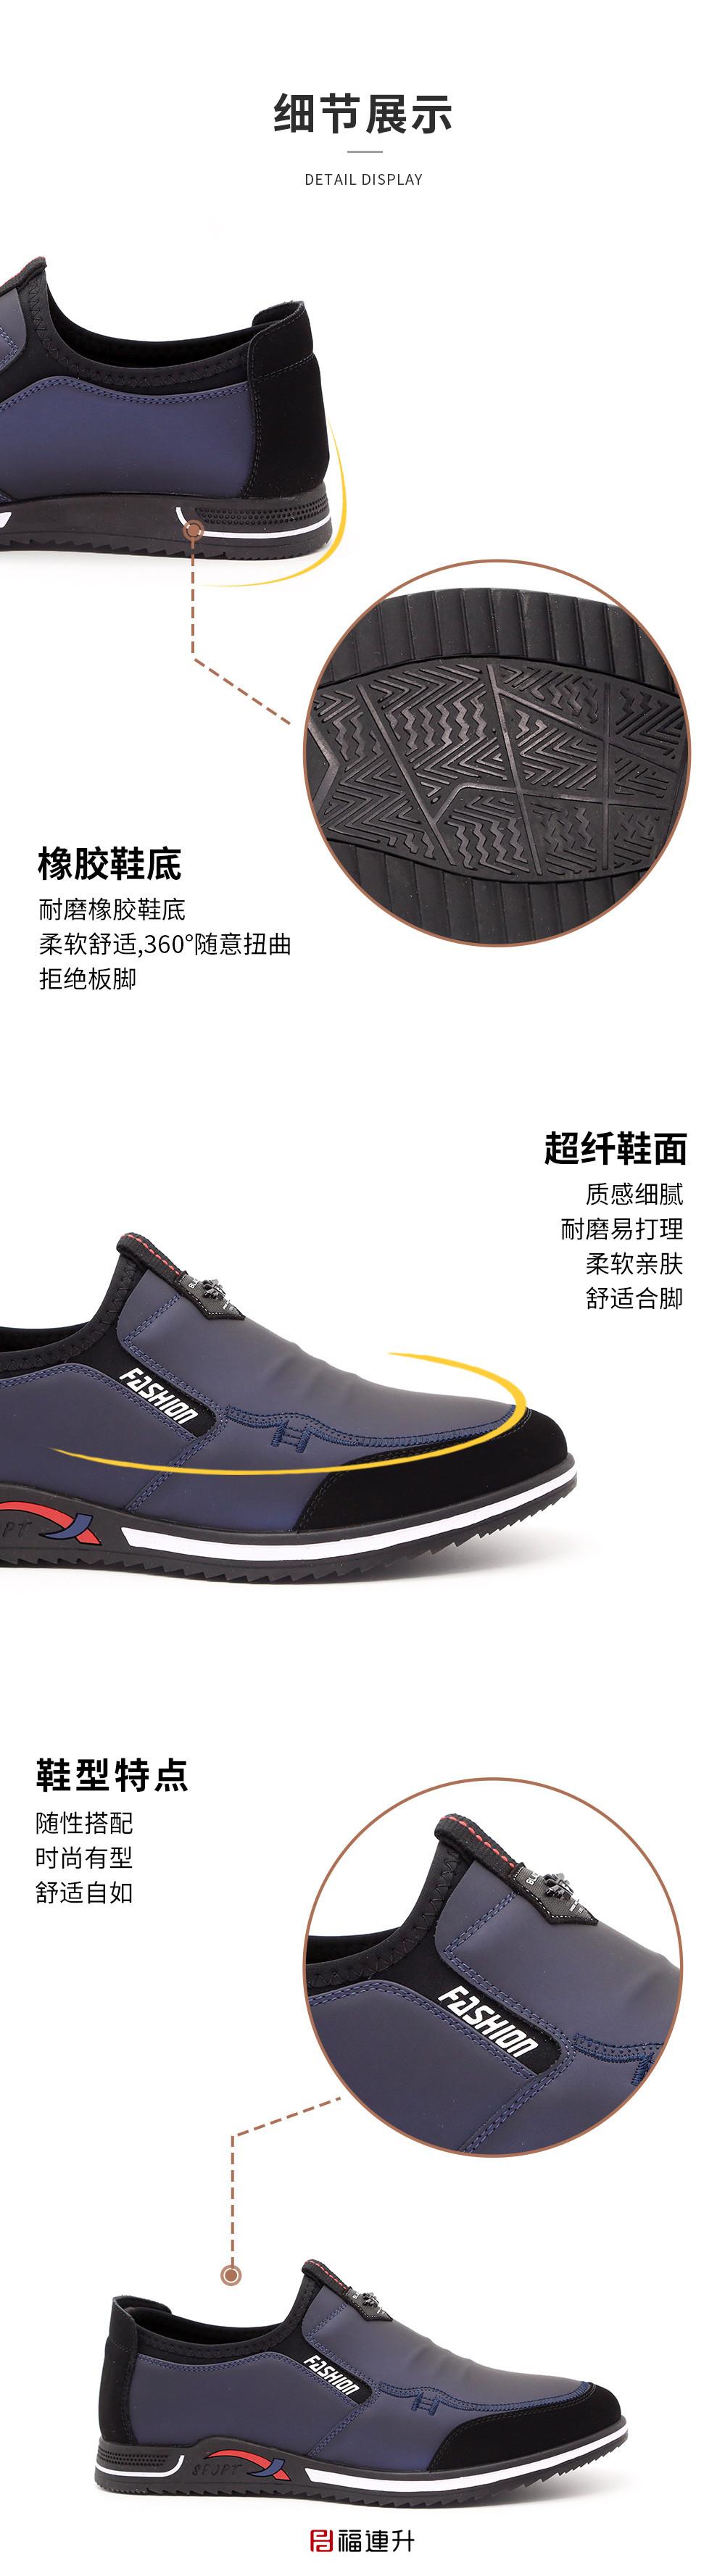 福连升男鞋商务休闲单鞋棉麻韩版潮流百搭软面图片